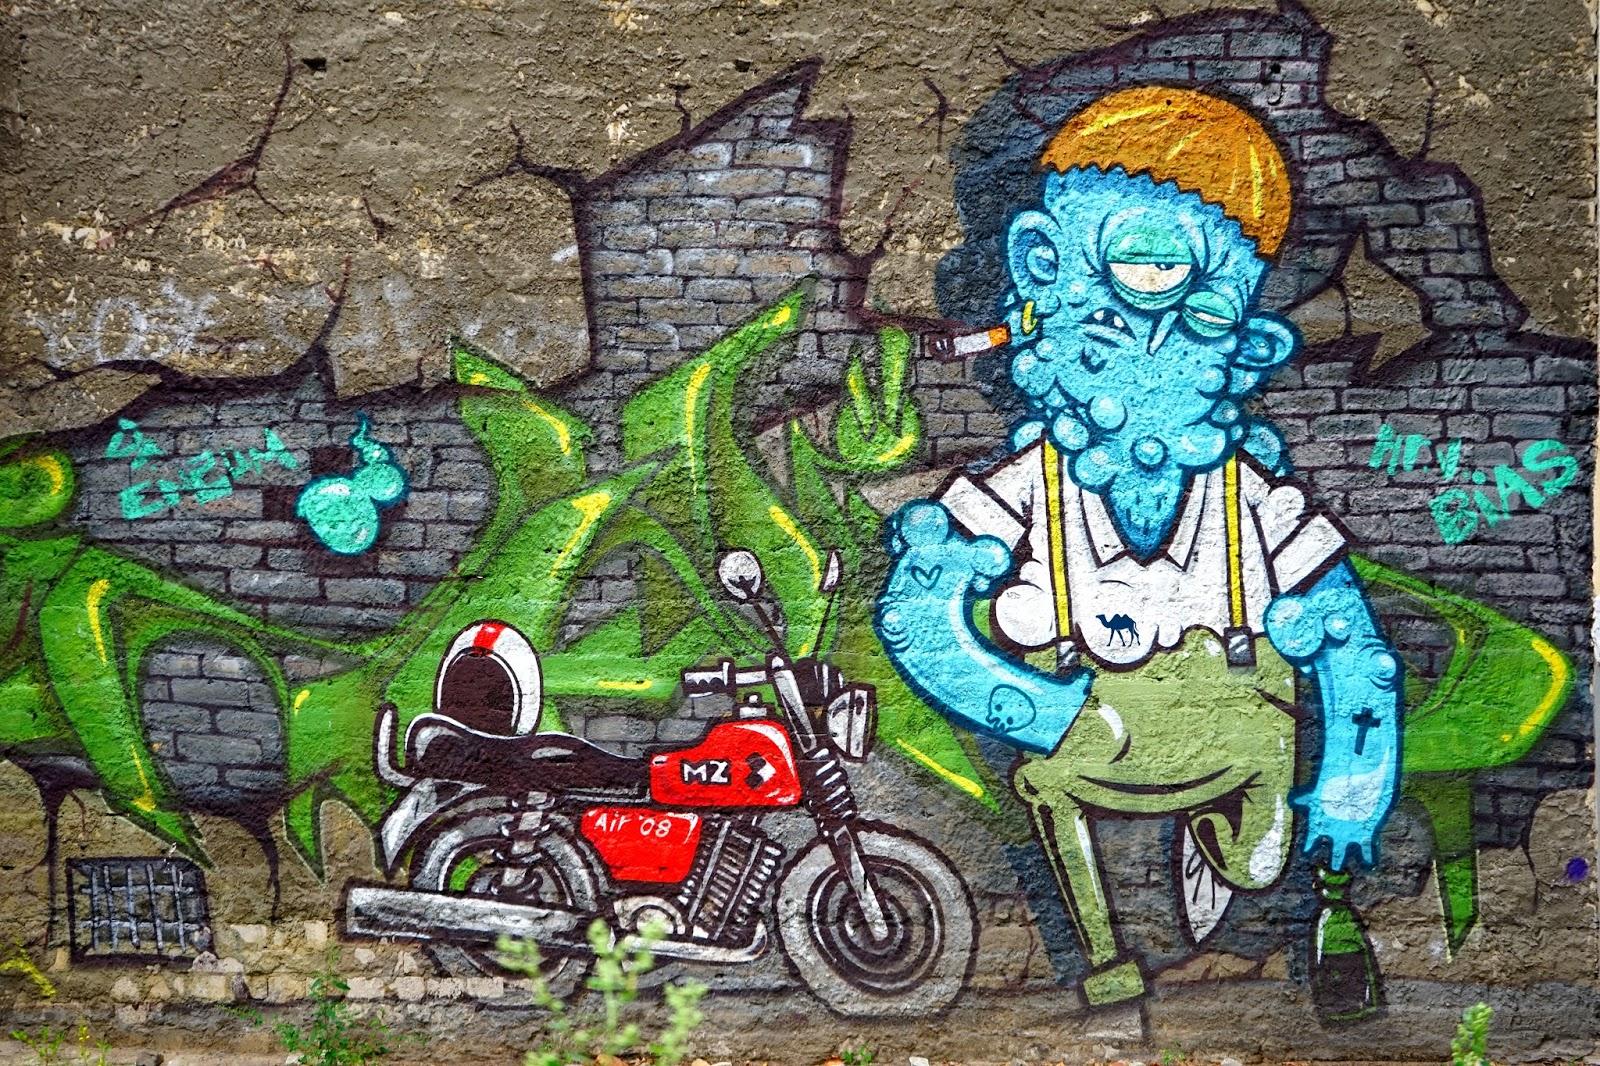 Le Chameau Bleu - Street Art - Moto